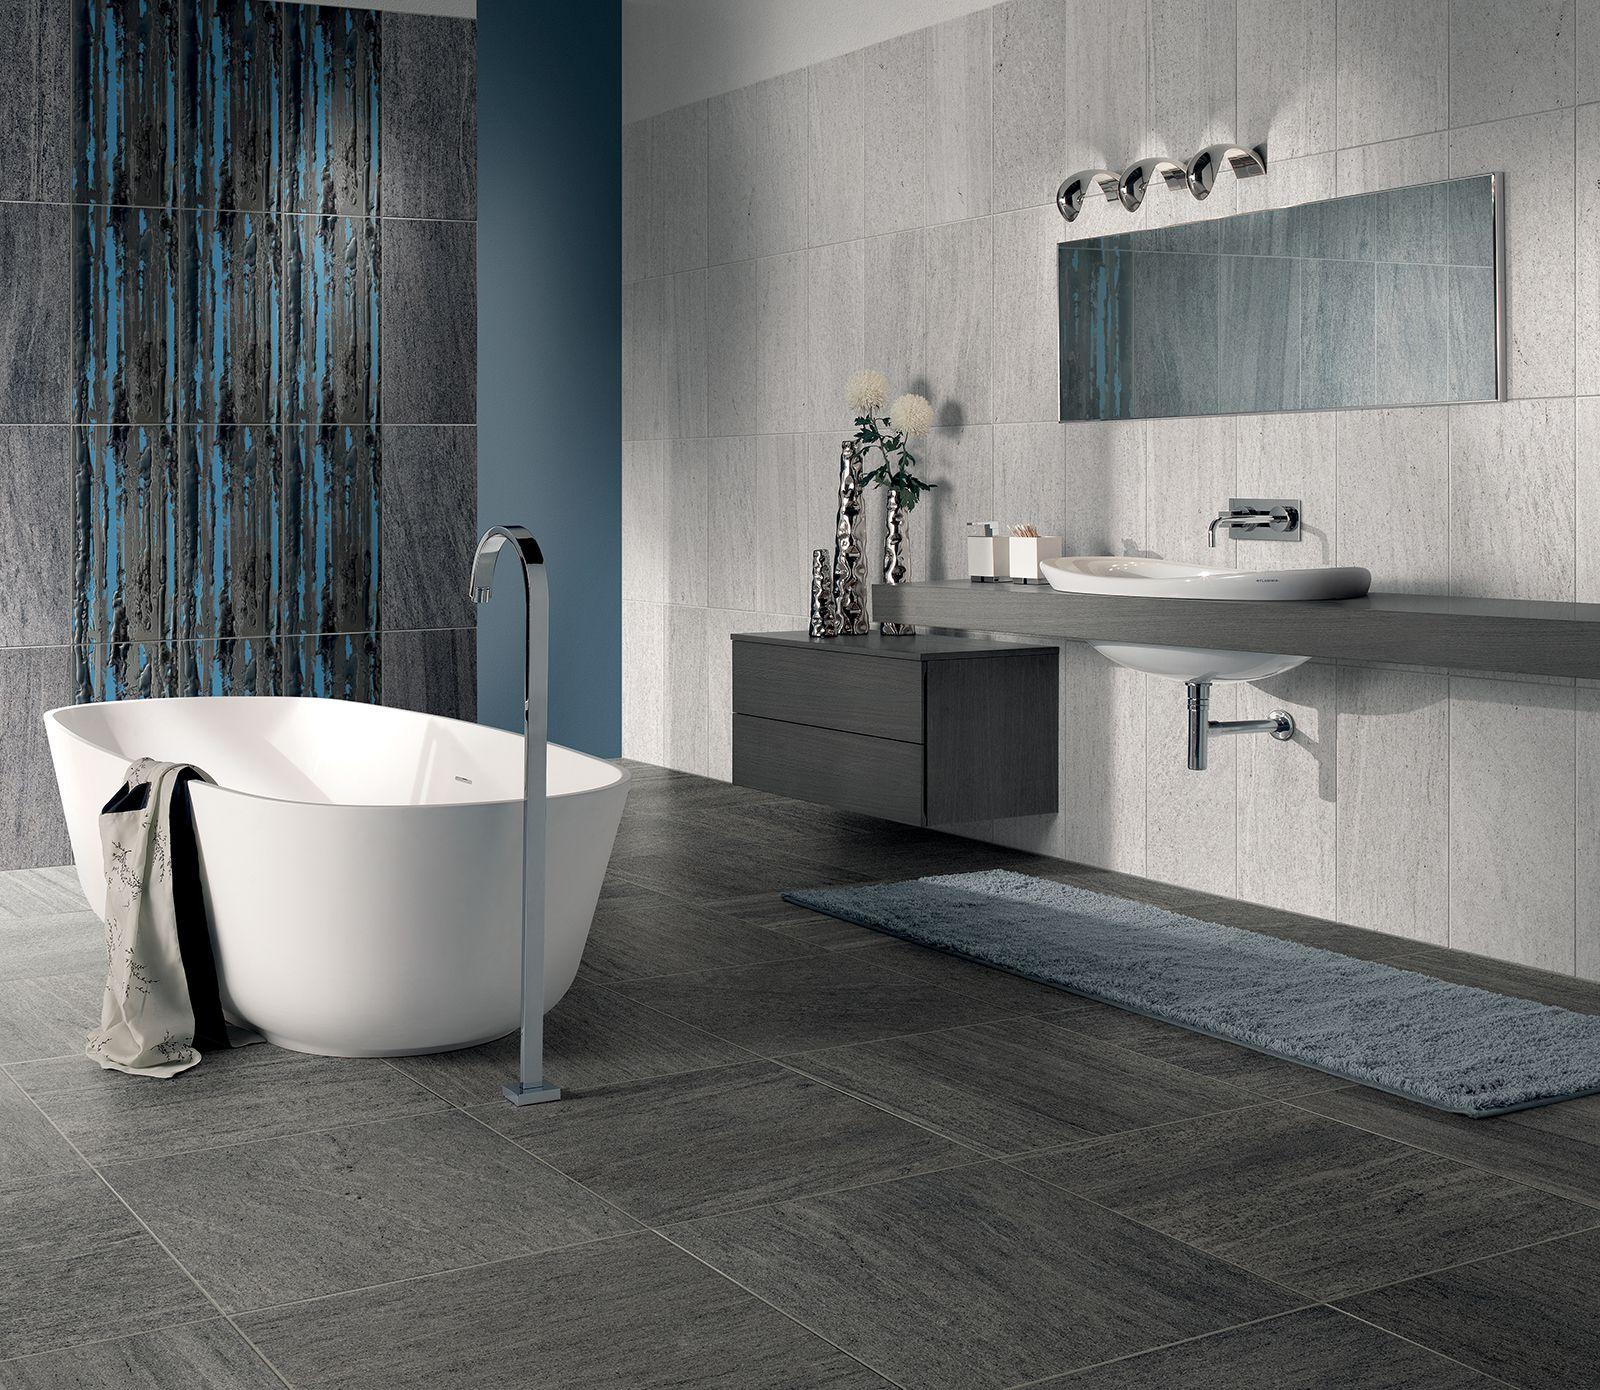 Pavimenti per il bagno. Dal travertino al gres | House projects and ...